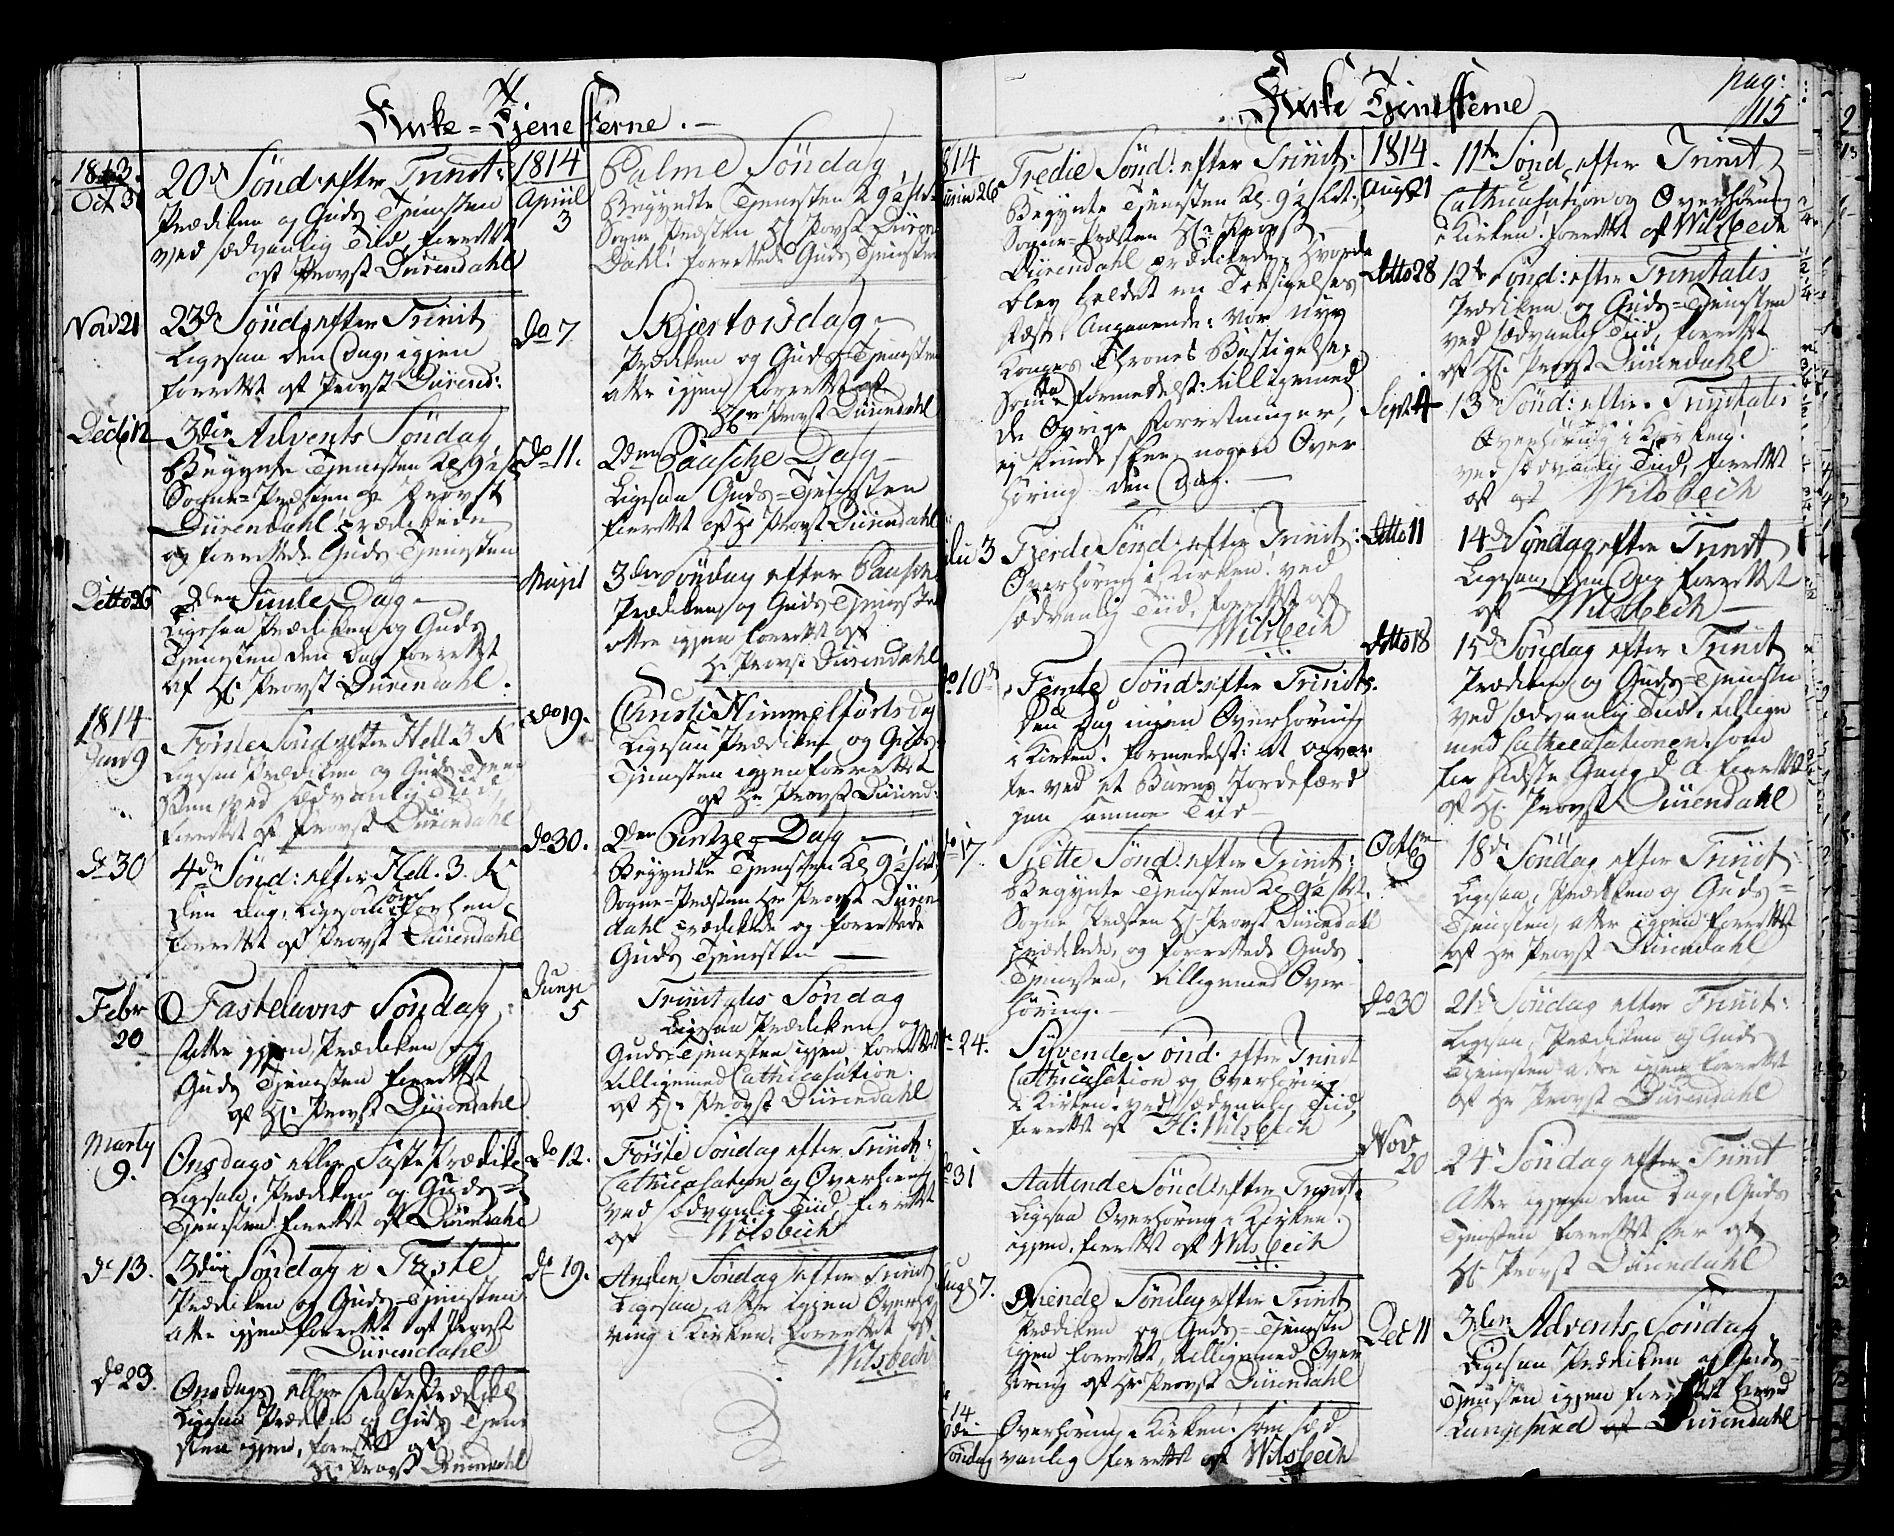 SAKO, Langesund kirkebøker, G/Ga/L0002: Klokkerbok nr. 2, 1801-1815, s. 115